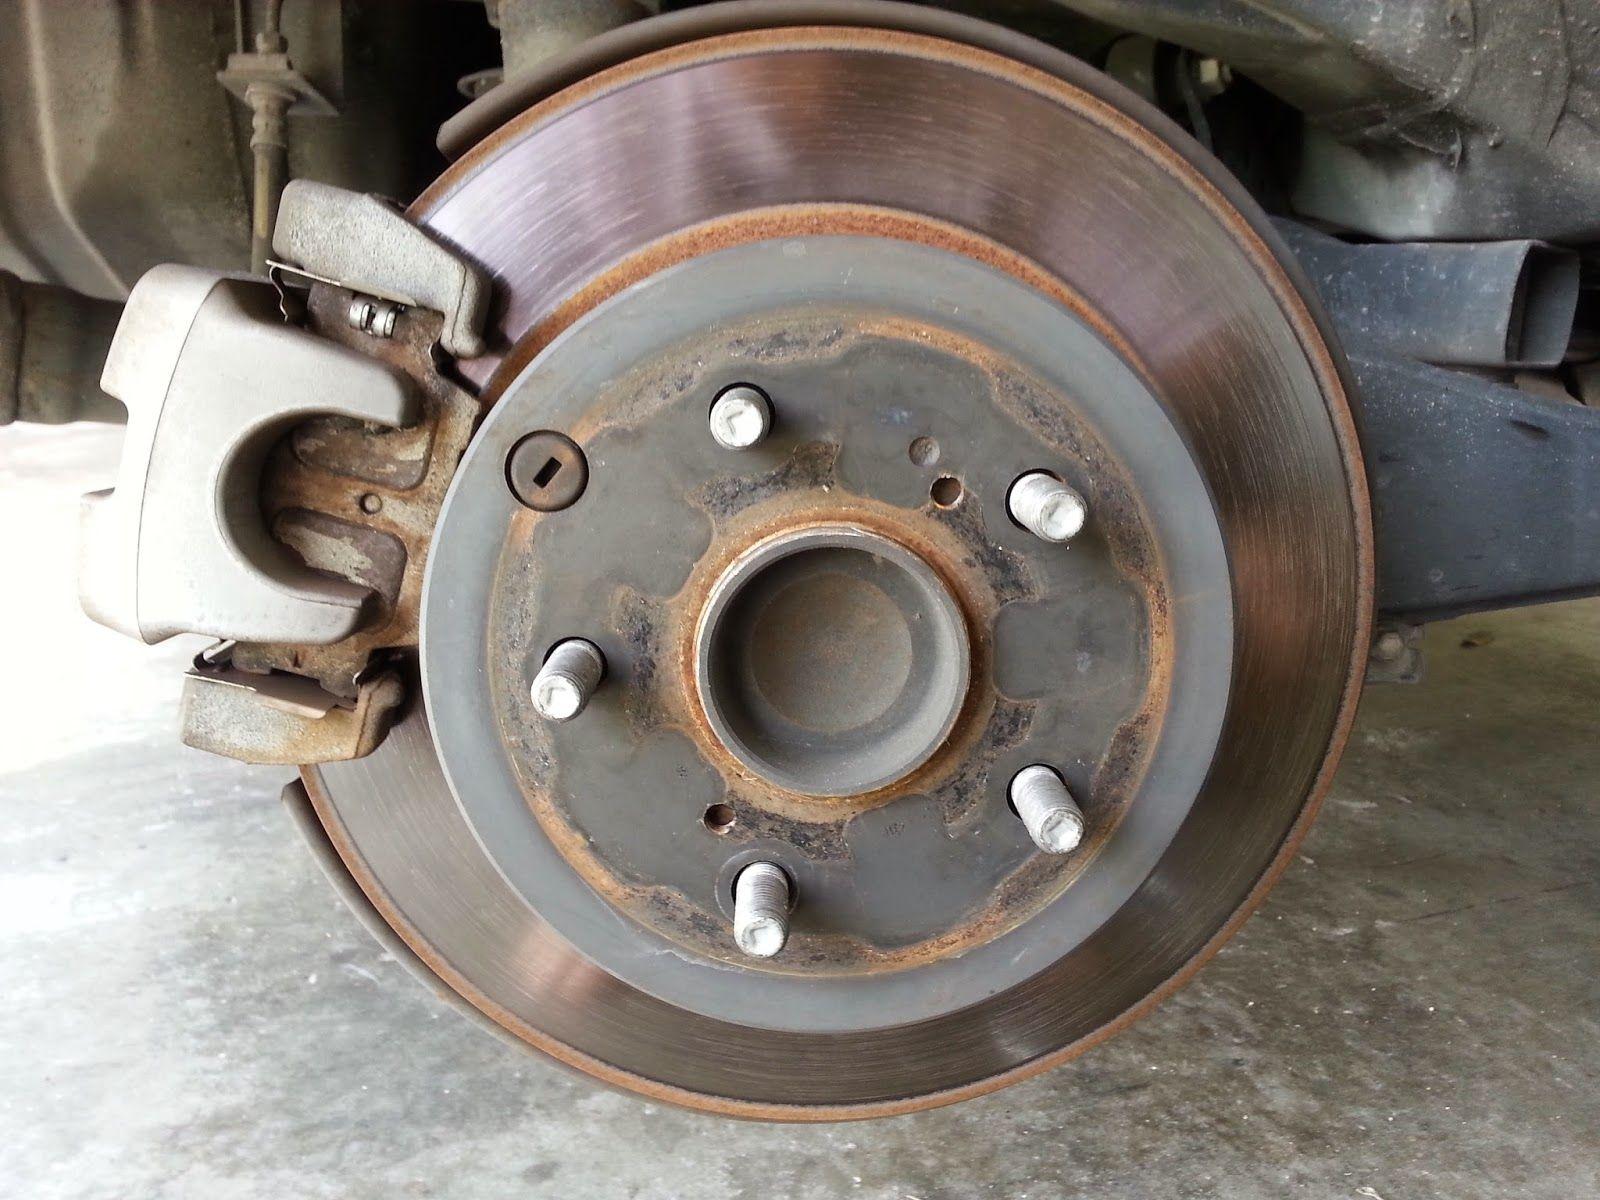 Corolla DIY: DIY - 2009 Toyota Rav 4 Rear Brakes and Rotors Rep.